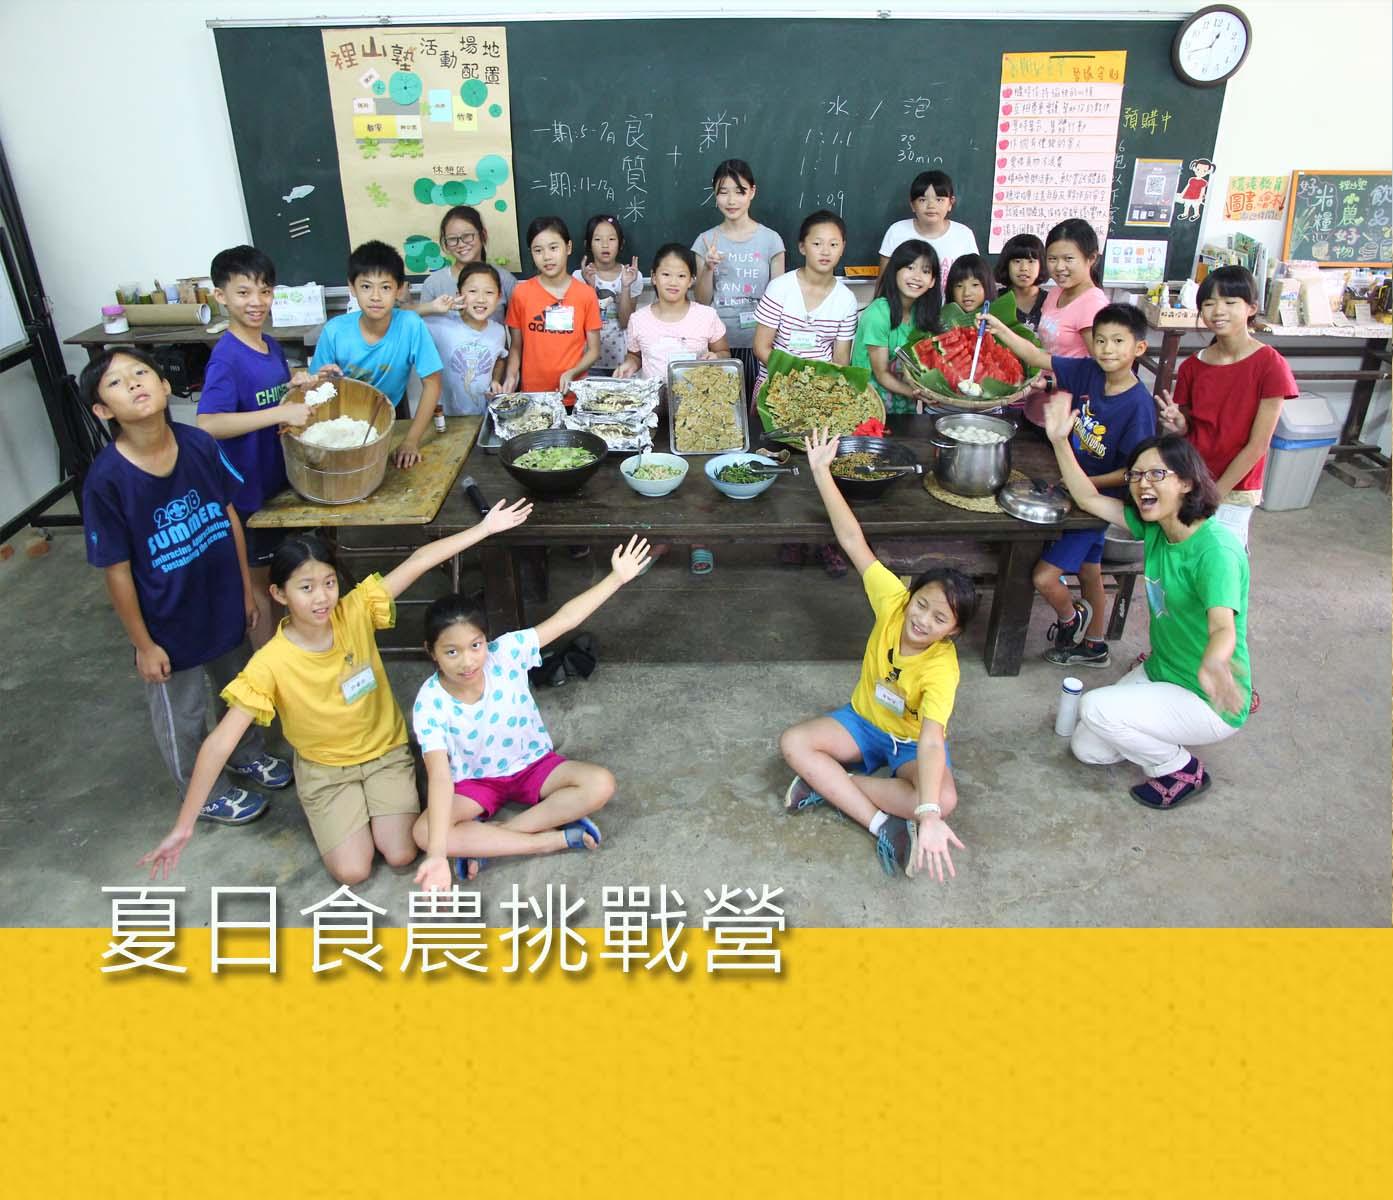 兒童夏令營|夏日食農挑戰營 | 裡山塾